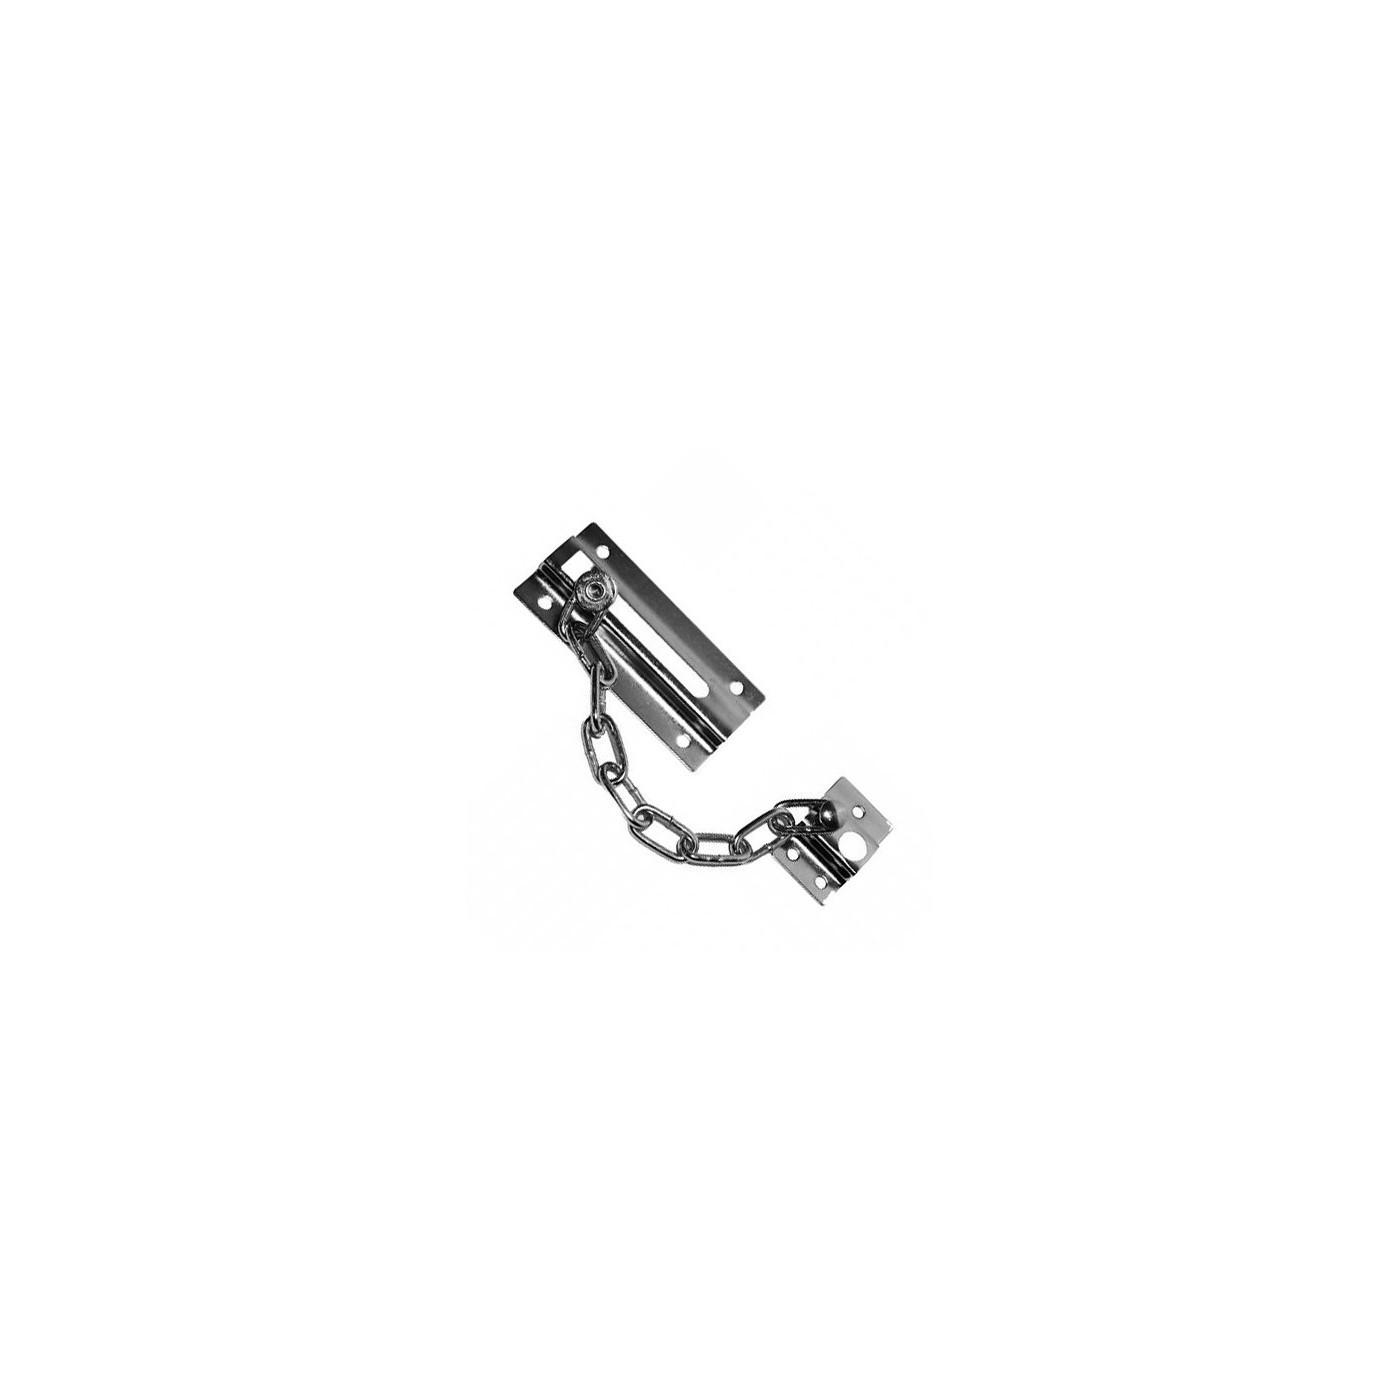 Zamek drzwi metalowy łańcuch  - 1